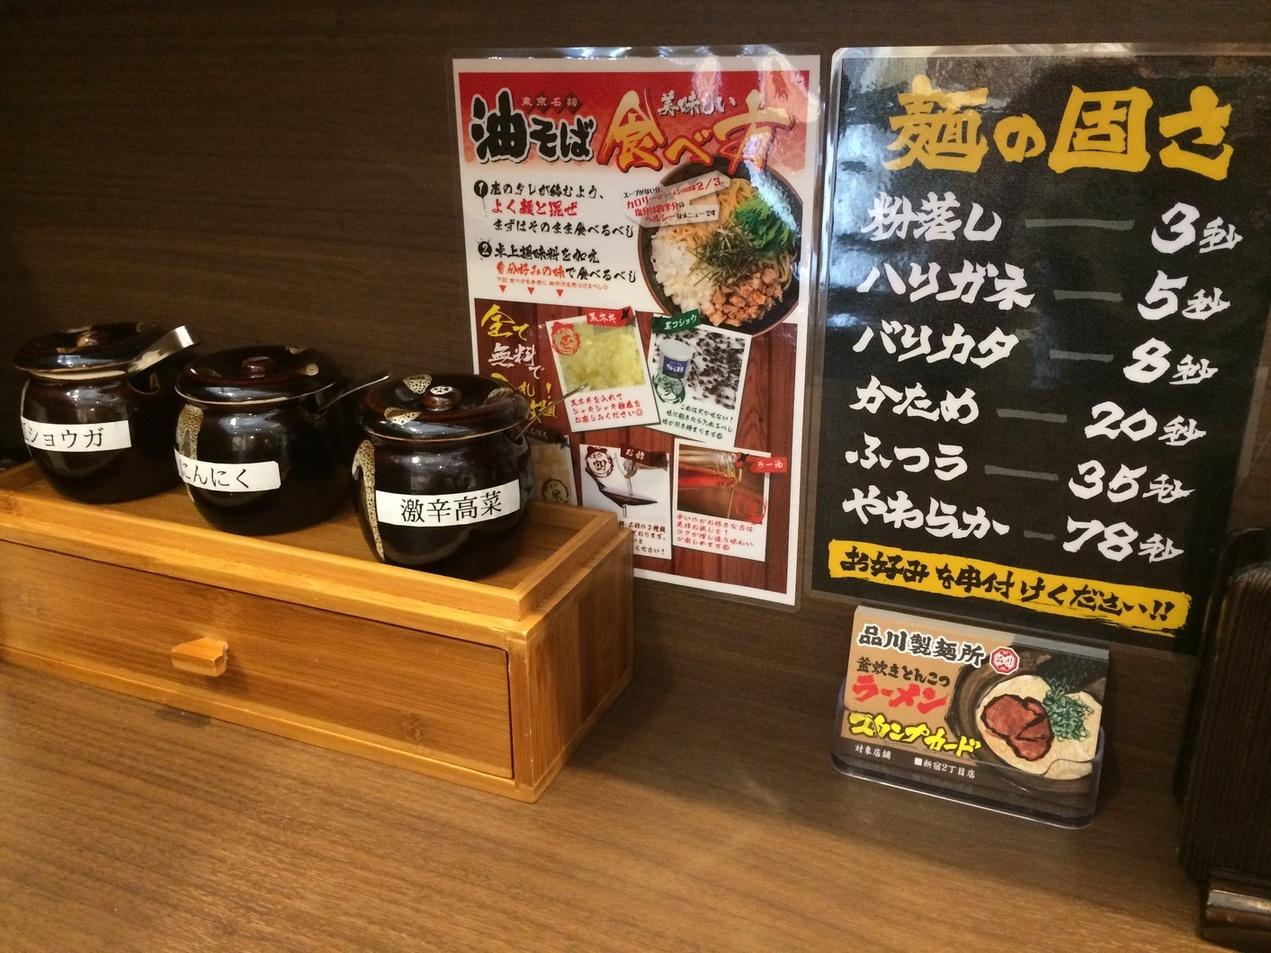 品川製麺所 新宿2丁目店